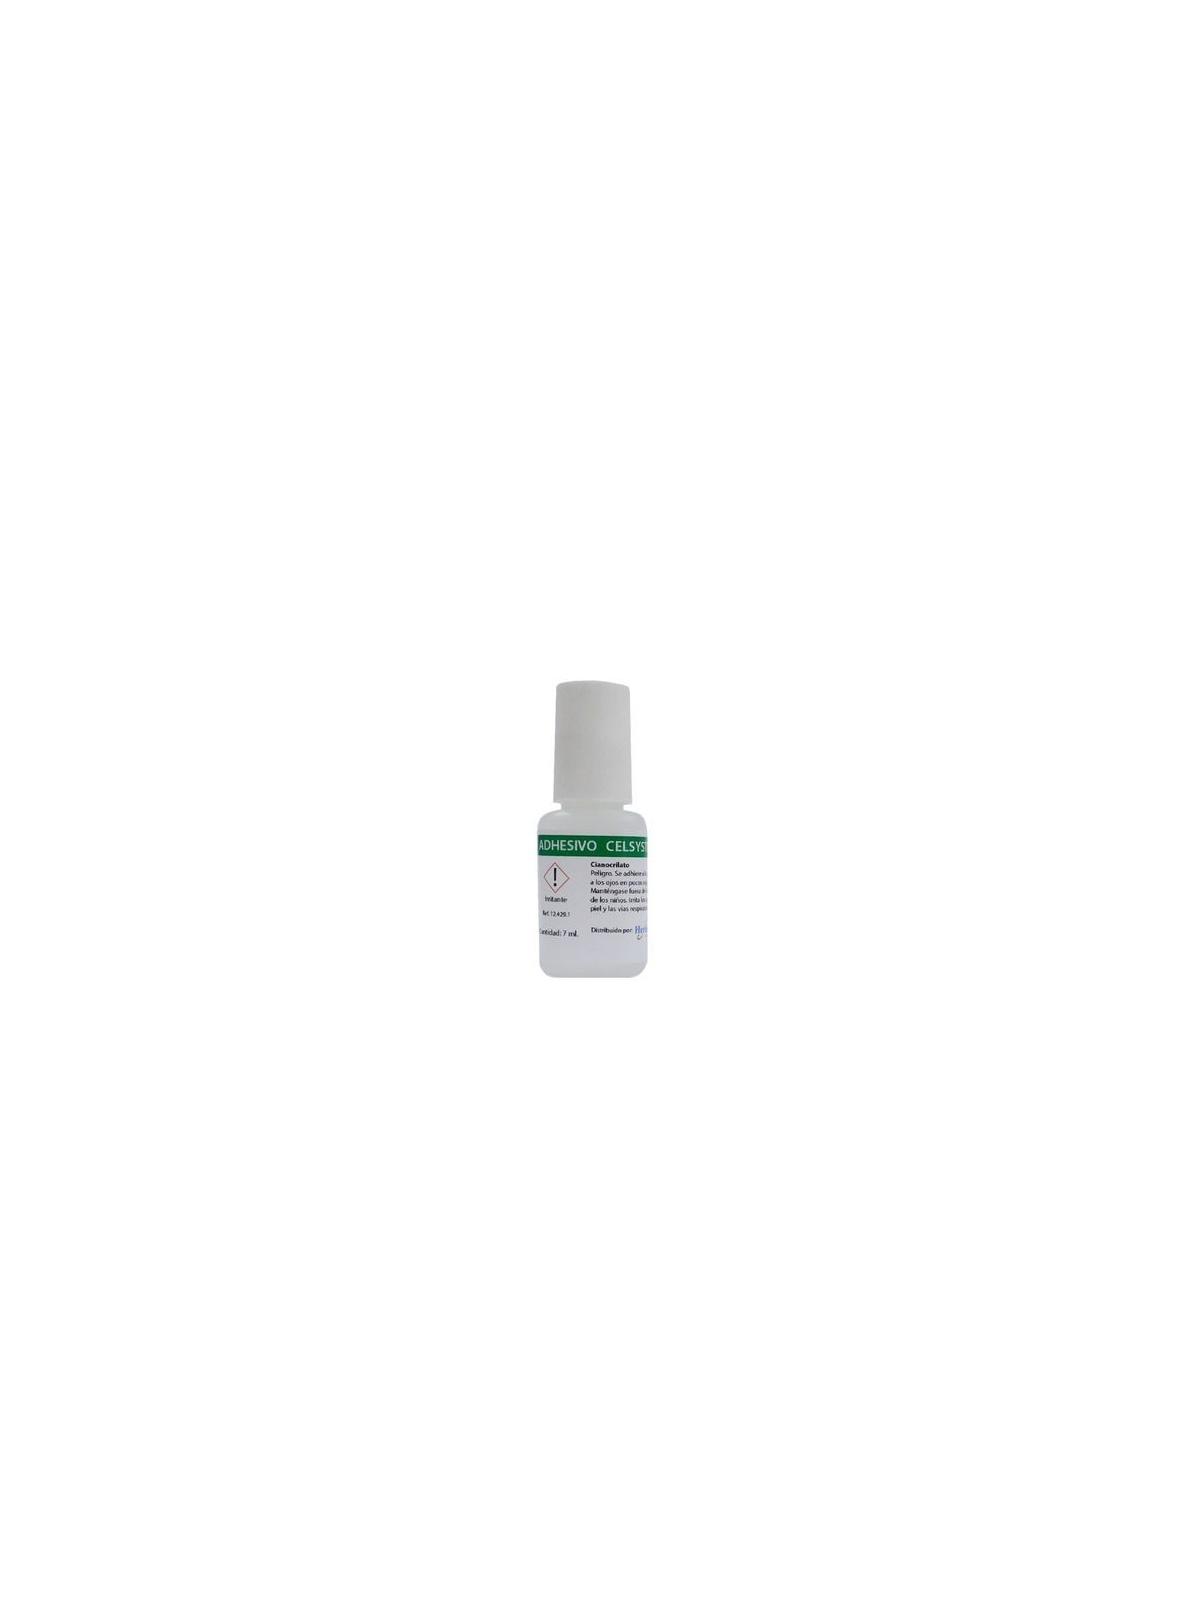 Adhesivo corrector de uñas Celsystem